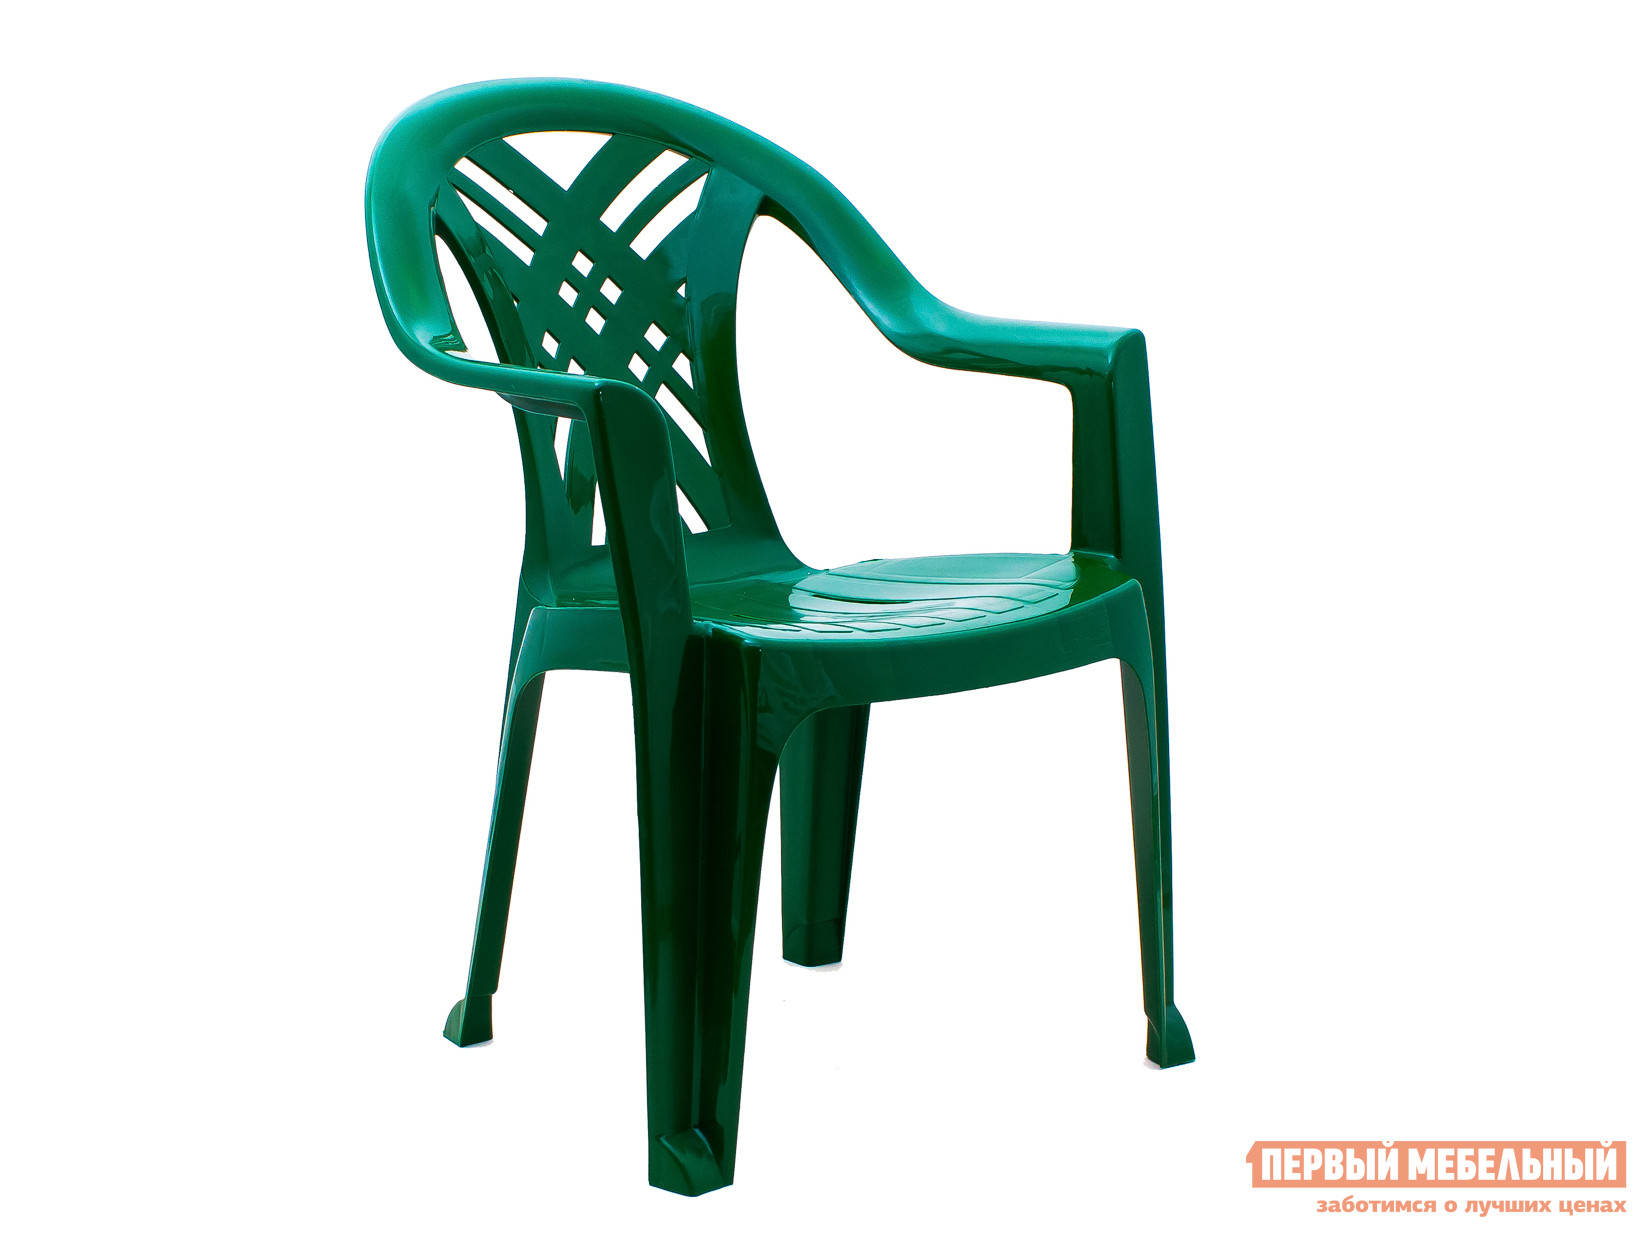 Пластиковый стул Стандарт Пластик Кресло №6 Престиж-2 (660x600x840мм) Темно-зеленыйПластиковые стулья<br>Габаритные размеры ВхШхГ 840x660x600 мм. Классический пластиковый стул Престиж-2 для отдыха на даче или пикнике.  Также модель подходит для оформления летнего кафе.  Кресло имеет монолитное исполнение, поэтому сразу же готово к эксплуатации.  Плавные подлокотники обеспечат дополнительное удобство.  Еще одно преимущество изделия — вентиляционные отверстия в спинке и сиденье, что важно в жаркое время года.  Несколько стульев удобно хранить друг в друге в виде стопки. Глубина сиденья составляет 380 мм. Ширина сиденья между подлокотниками в самом узком месте — 360 мм, в самом широком — 420 мм. Пластиковый стул выдерживает нагрузку до 120 кг, он прочный и при грамотной эксплуатации готов служить несколько сезонов.  Также изделия из пластика идеально подходят для размещения на улице, так как они не боятся влаги и летней жары. В интернет-магазине «Купистол» представлен большой выбор расцветок стула Престиж-2.  Все модели в наличии, поэтому вы будете приятно удивлены быстрыми сроками доставки.<br><br>Цвет: Зеленый<br>Высота мм: 840<br>Ширина мм: 660<br>Глубина мм: 600<br>Кол-во упаковок: 1<br>Форма поставки: В собранном виде<br>Срок гарантии: 1 год<br>С подлокотниками: Да